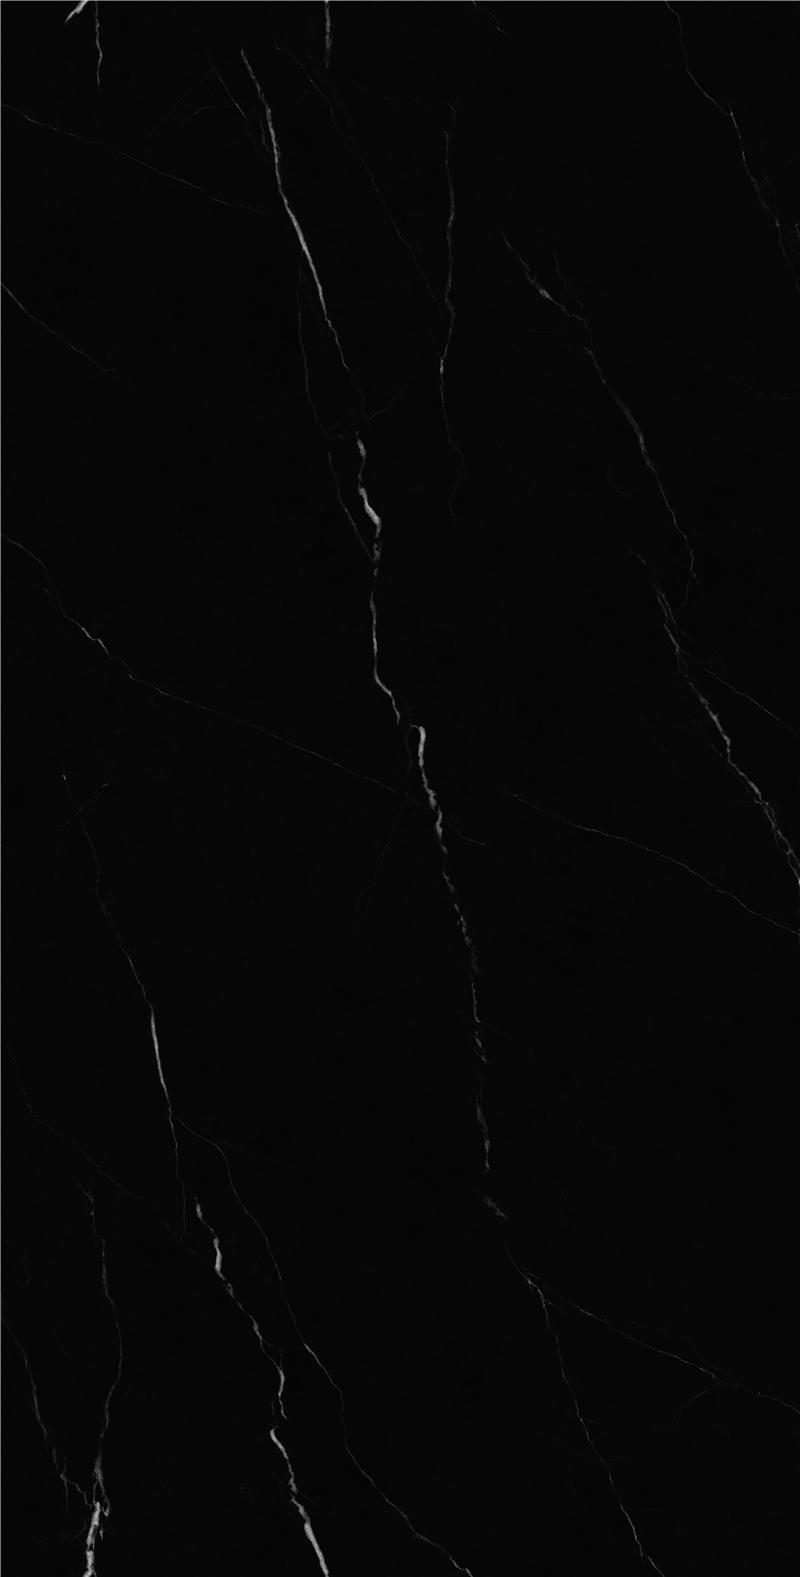 澳门新萄京手机版网址-9-HPG2412J027雷鸣石